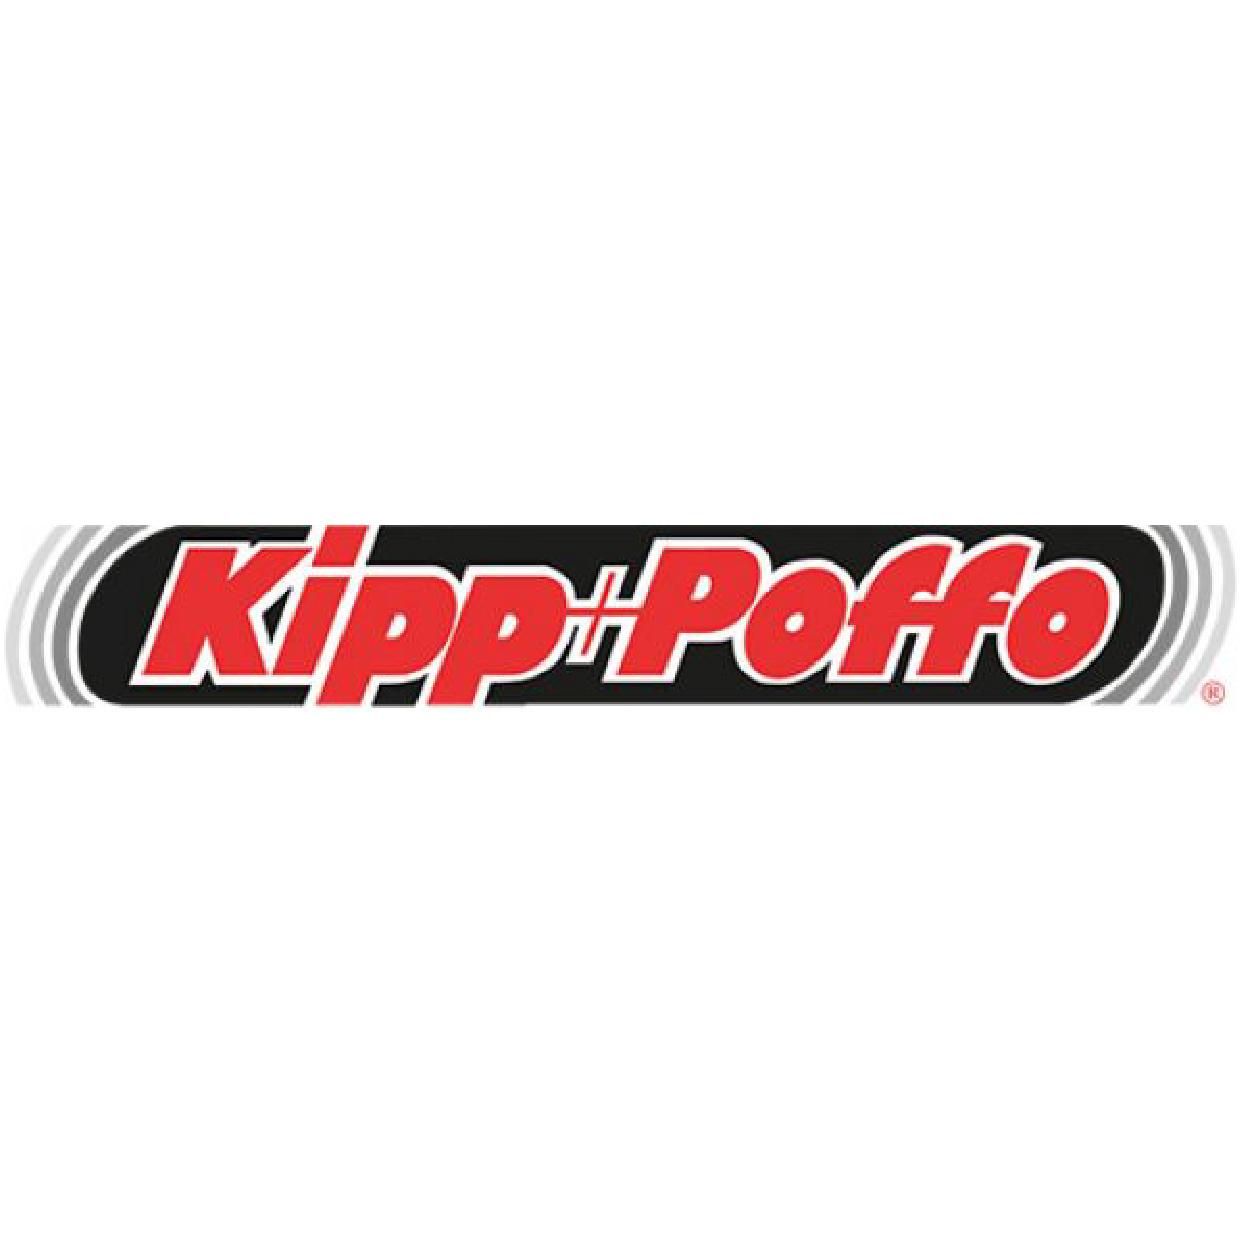 Logo_KippUndPoffo_Zeichenfläche 1.jpg